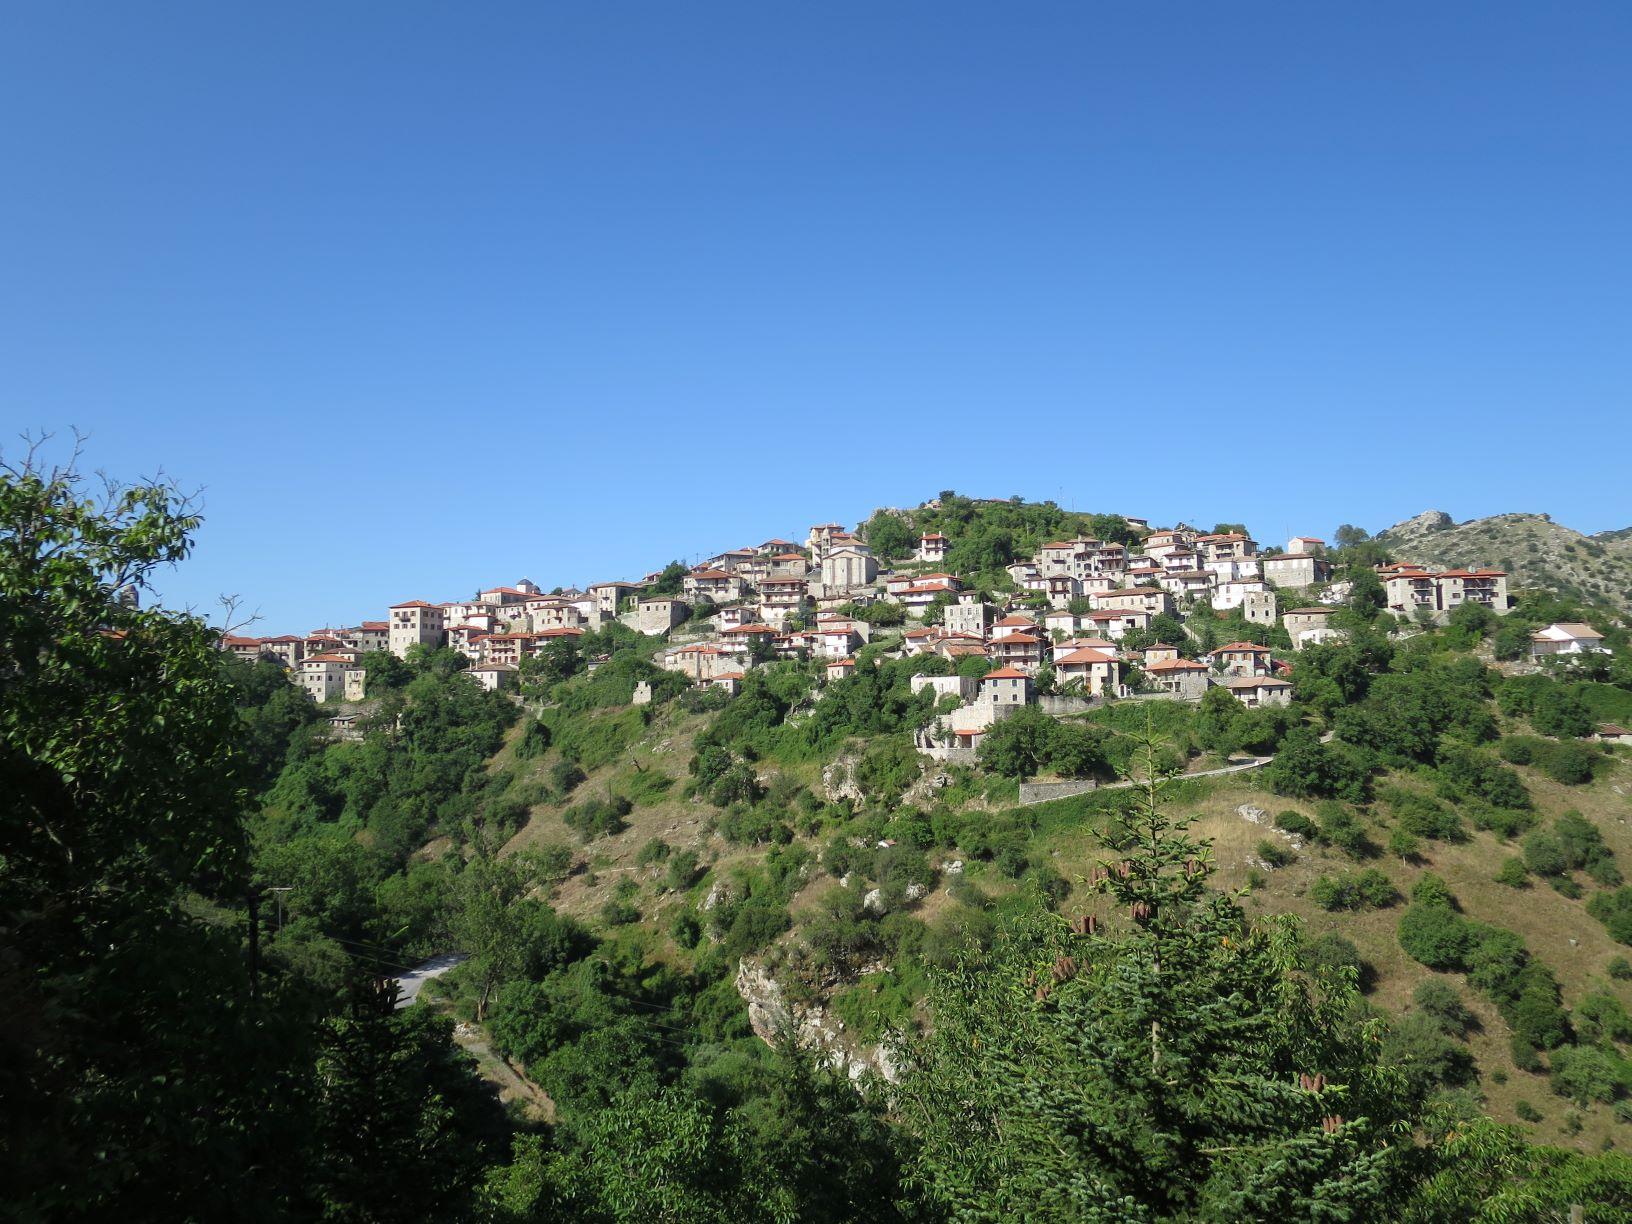 ディミツィアーナの村